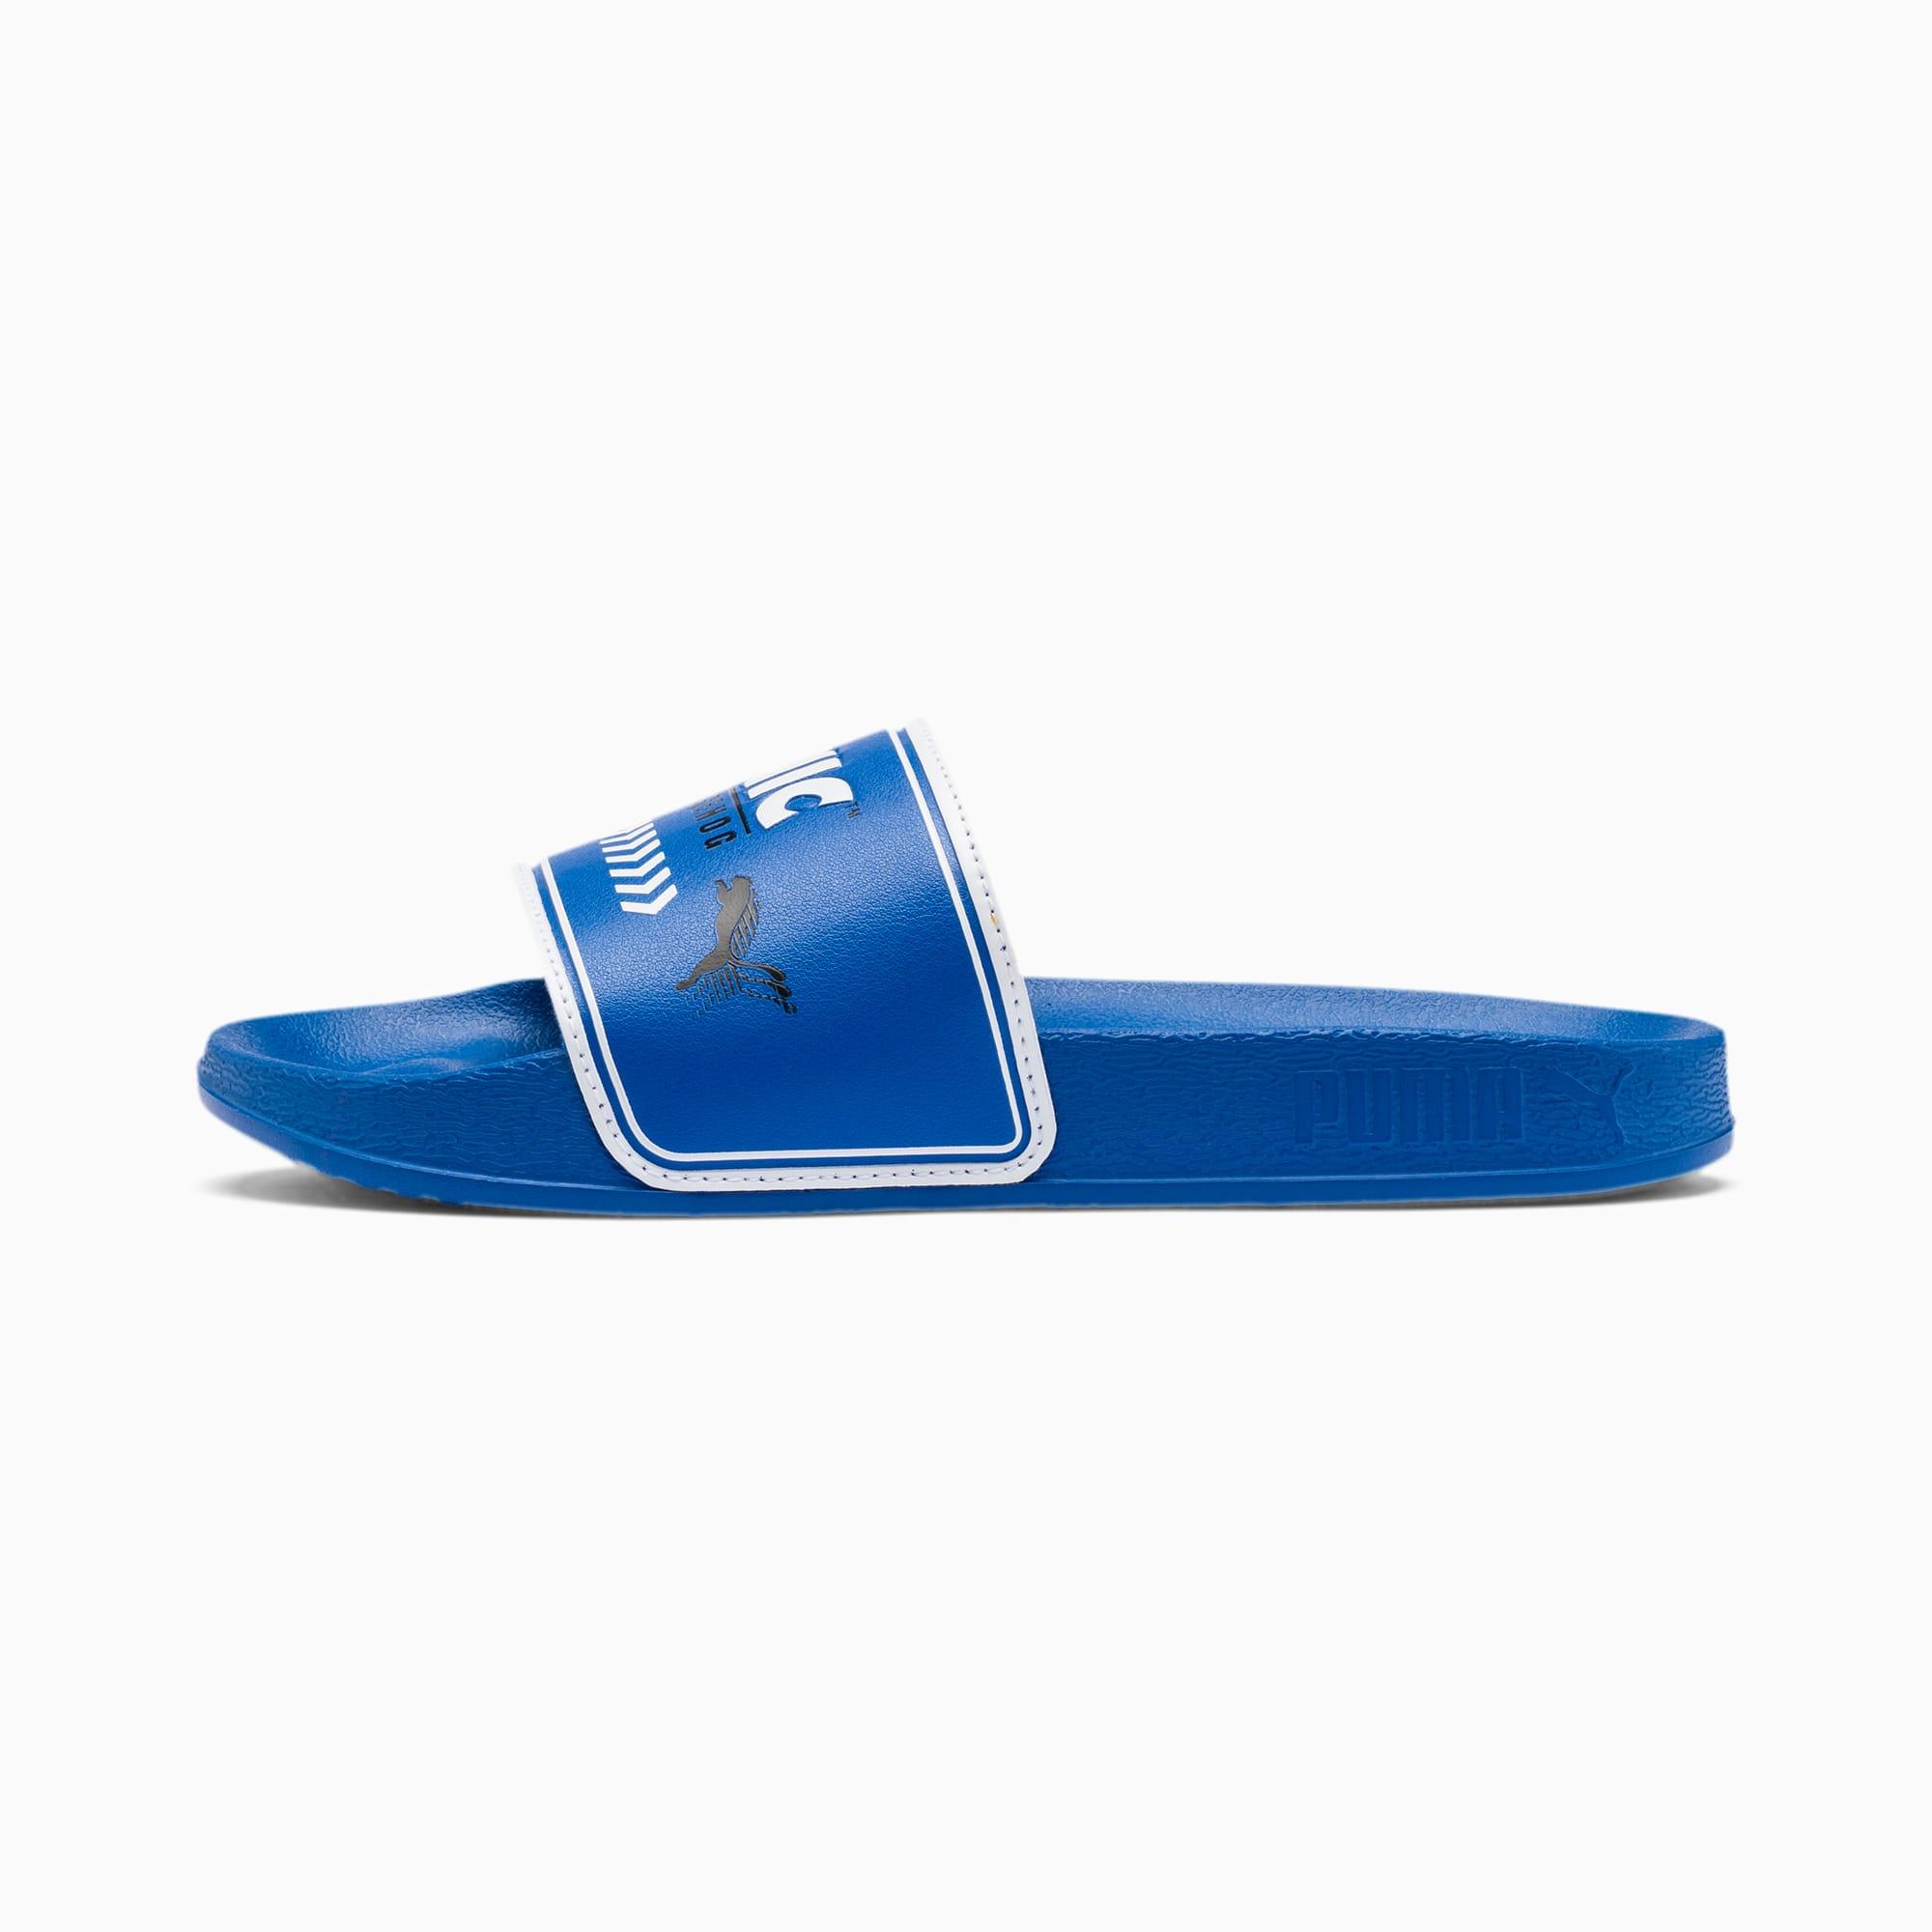 PUMA Sandale PUMA x SONIC Leadcat pour enfant, Bleu/Blanc, Taille 29, Chaussures